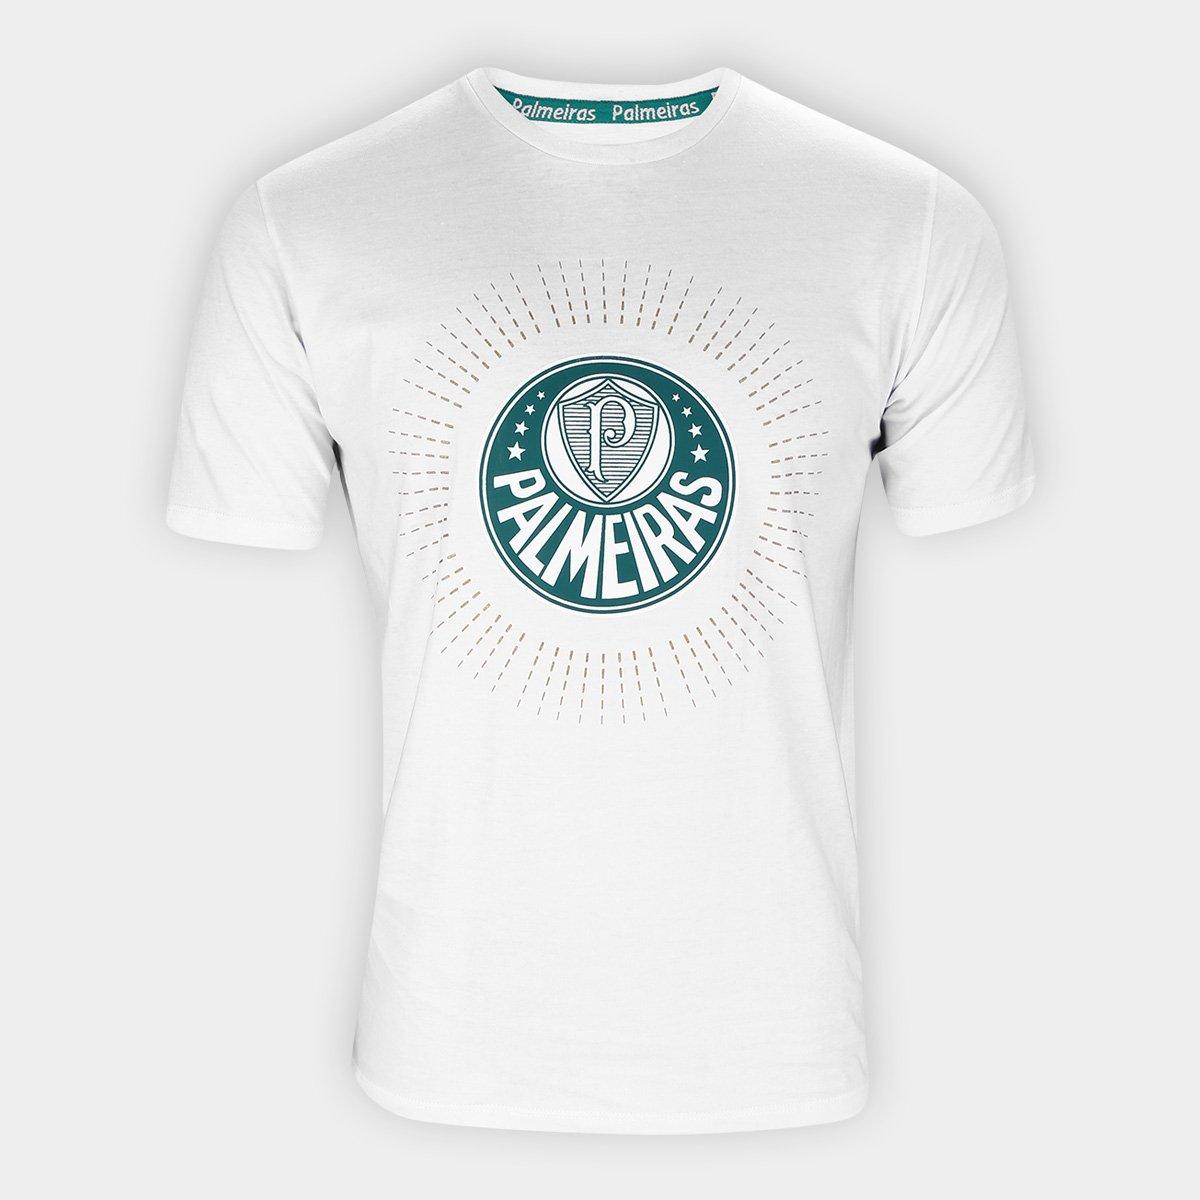 Camisa Palmeiras escudo glória licenciada MELTEX